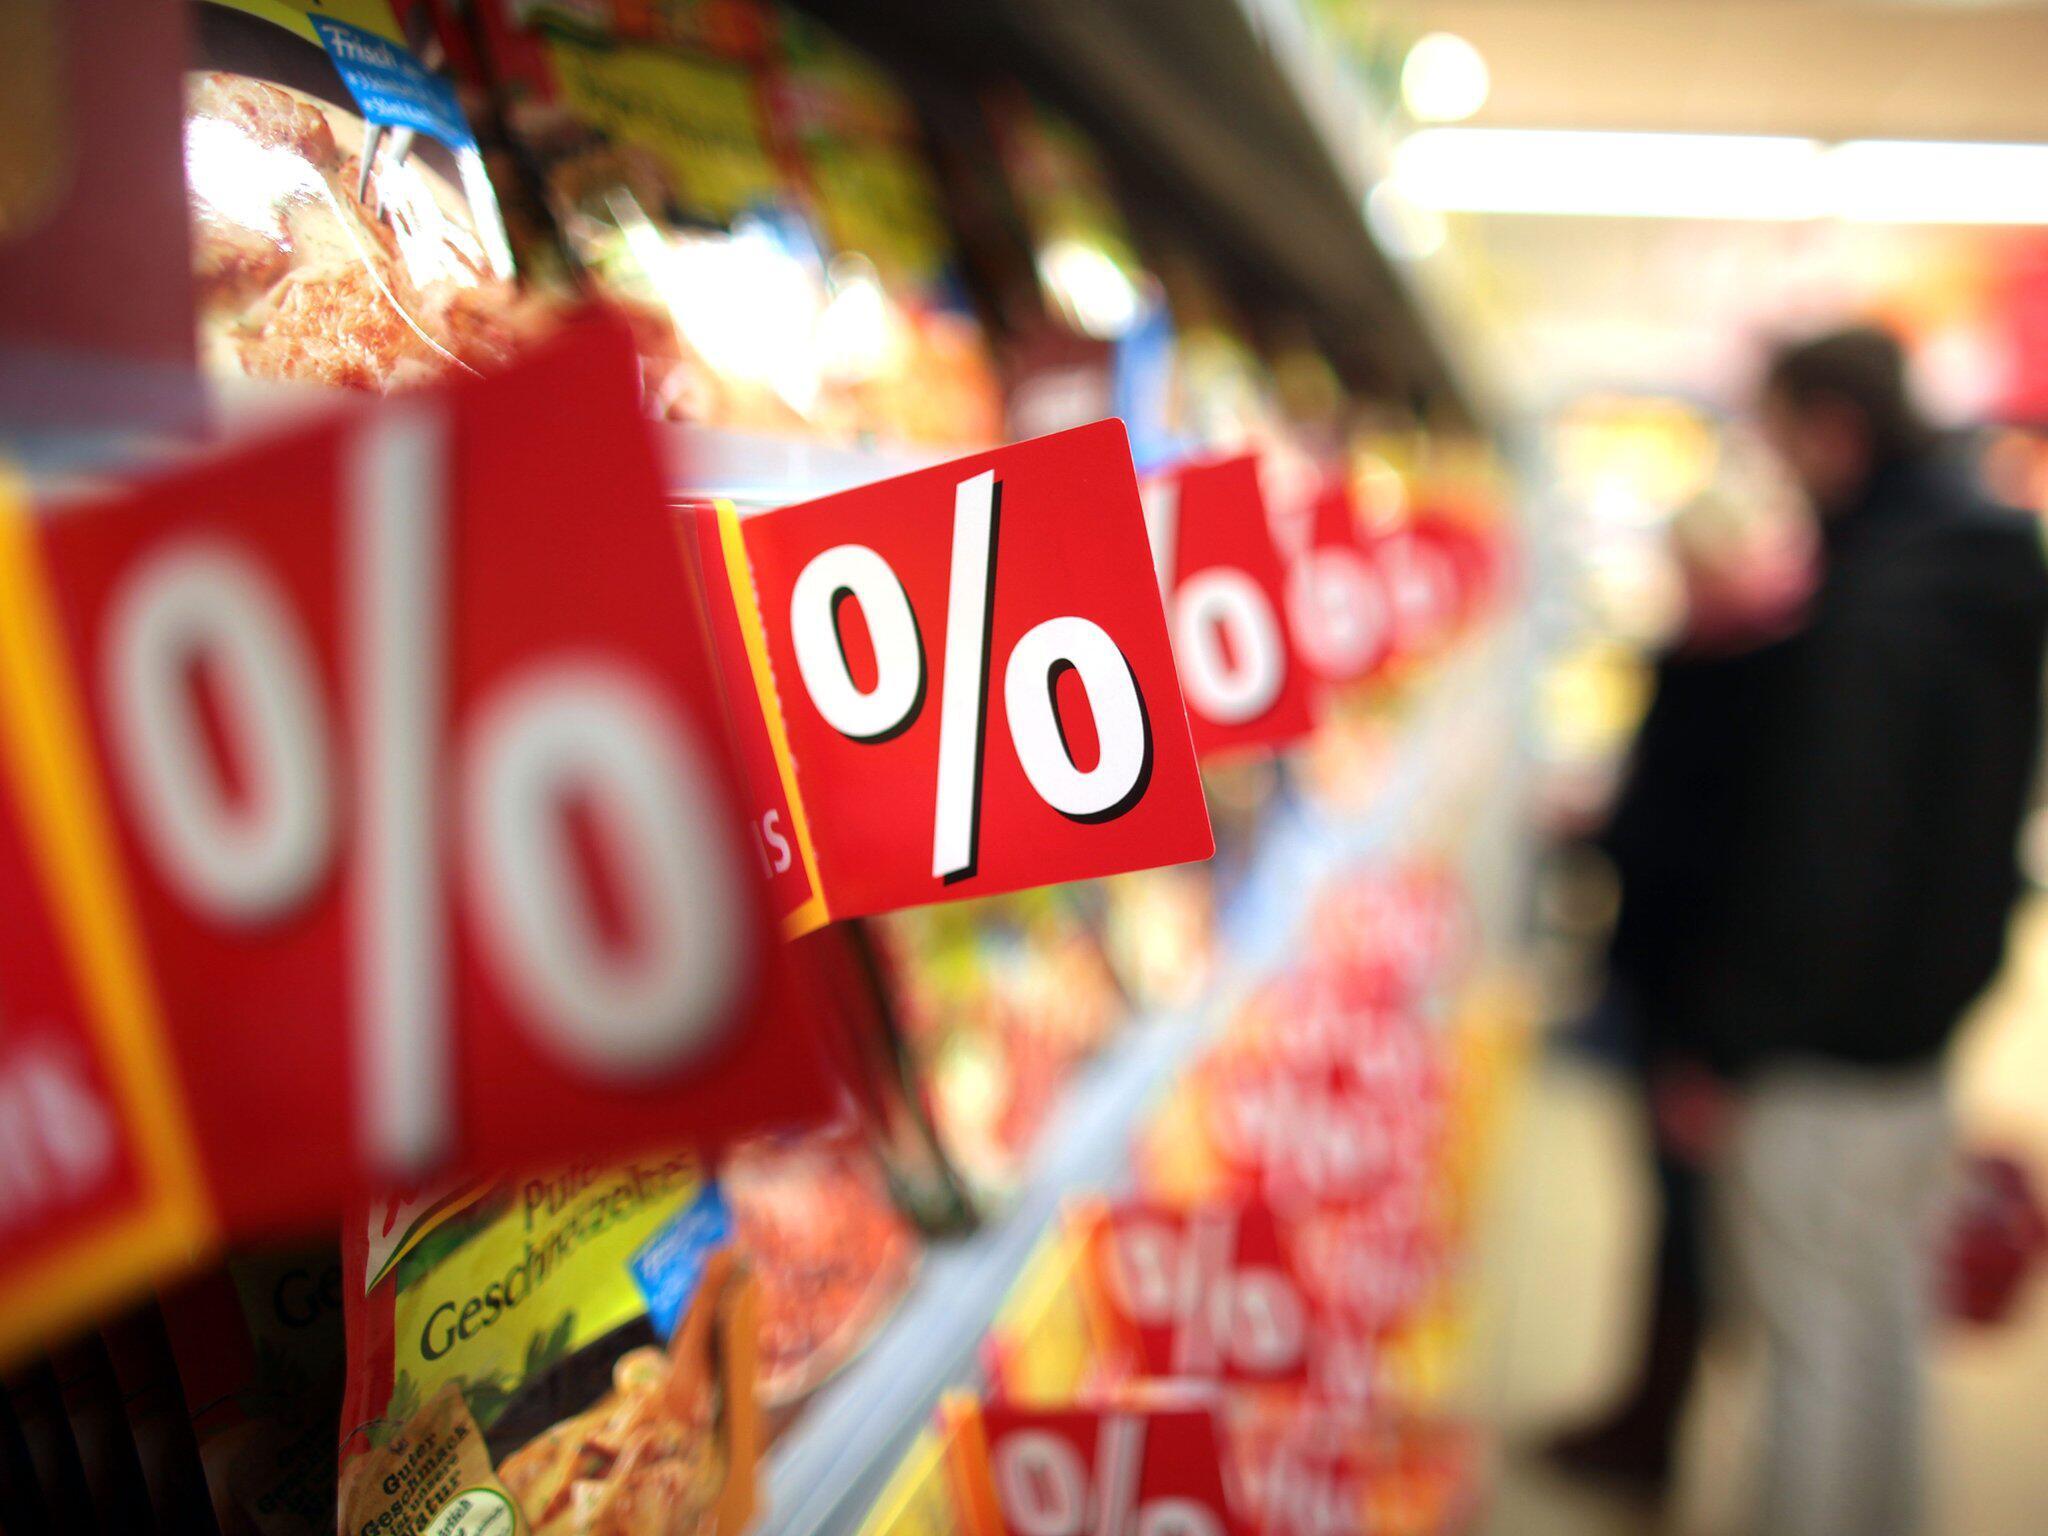 Bild zu Sonderangebote im Lebensmittelhandel